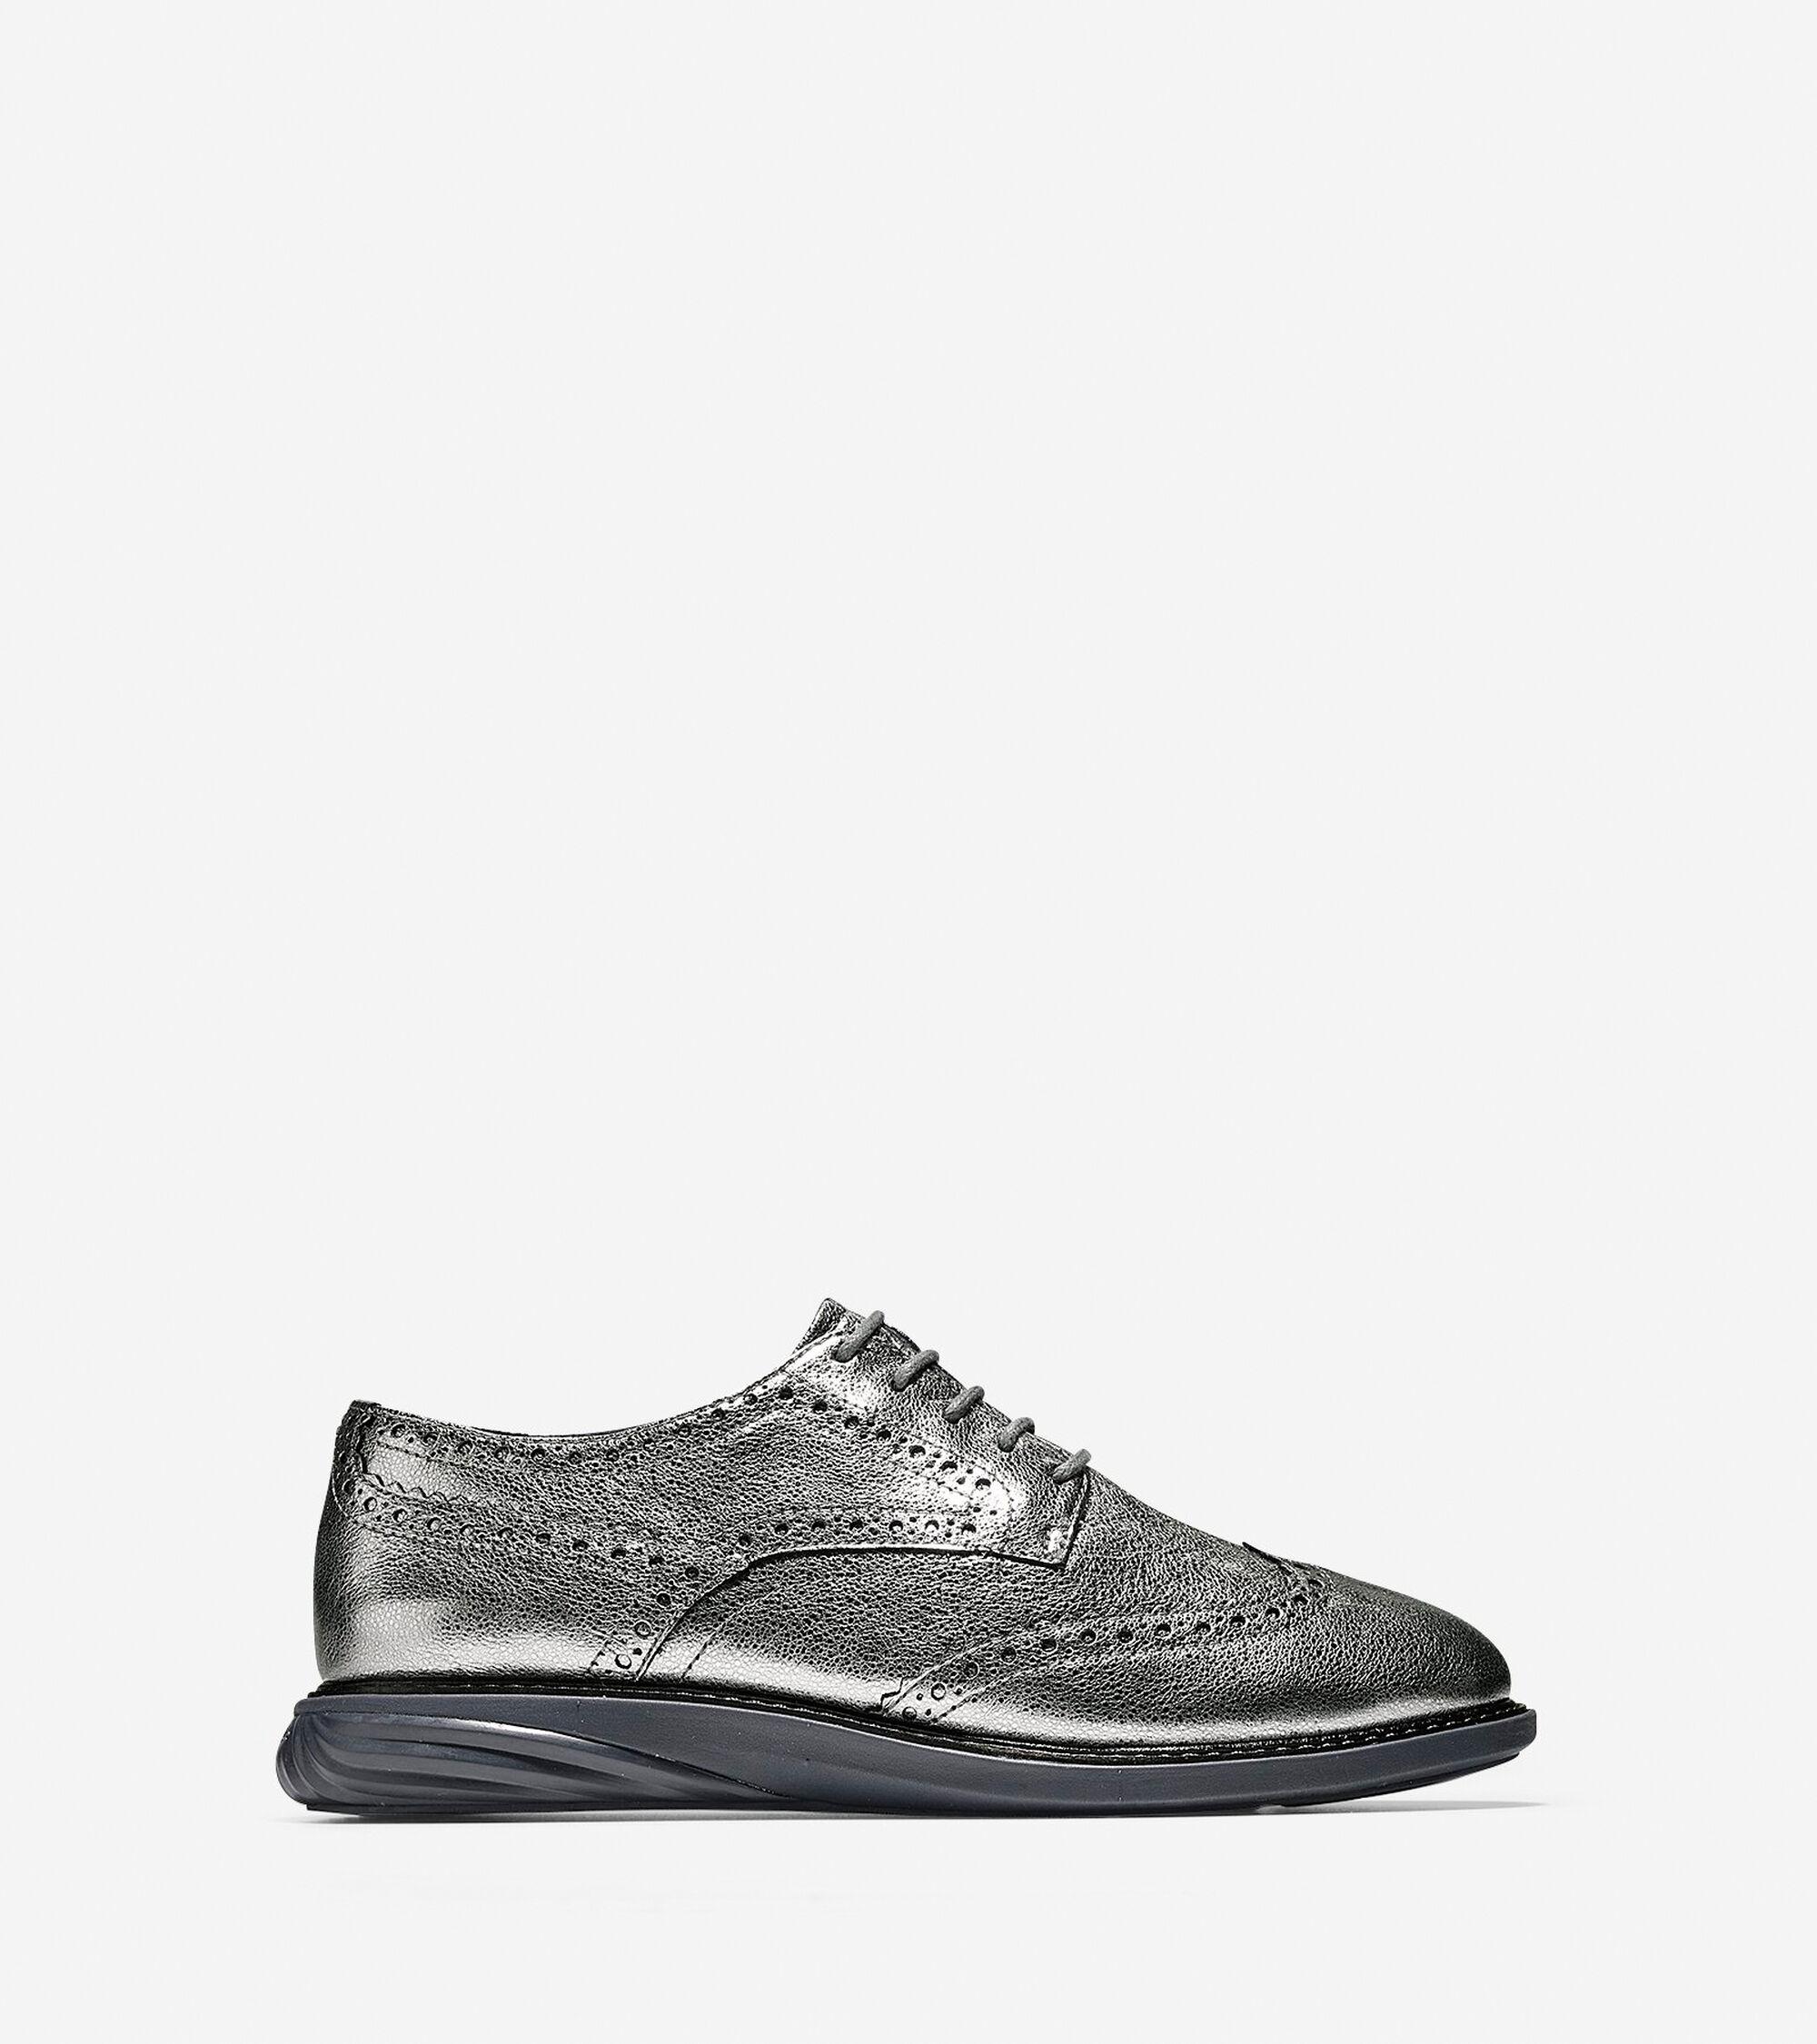 Cole Haan Women's GrandEvolution Wingtip Oxford Shoes